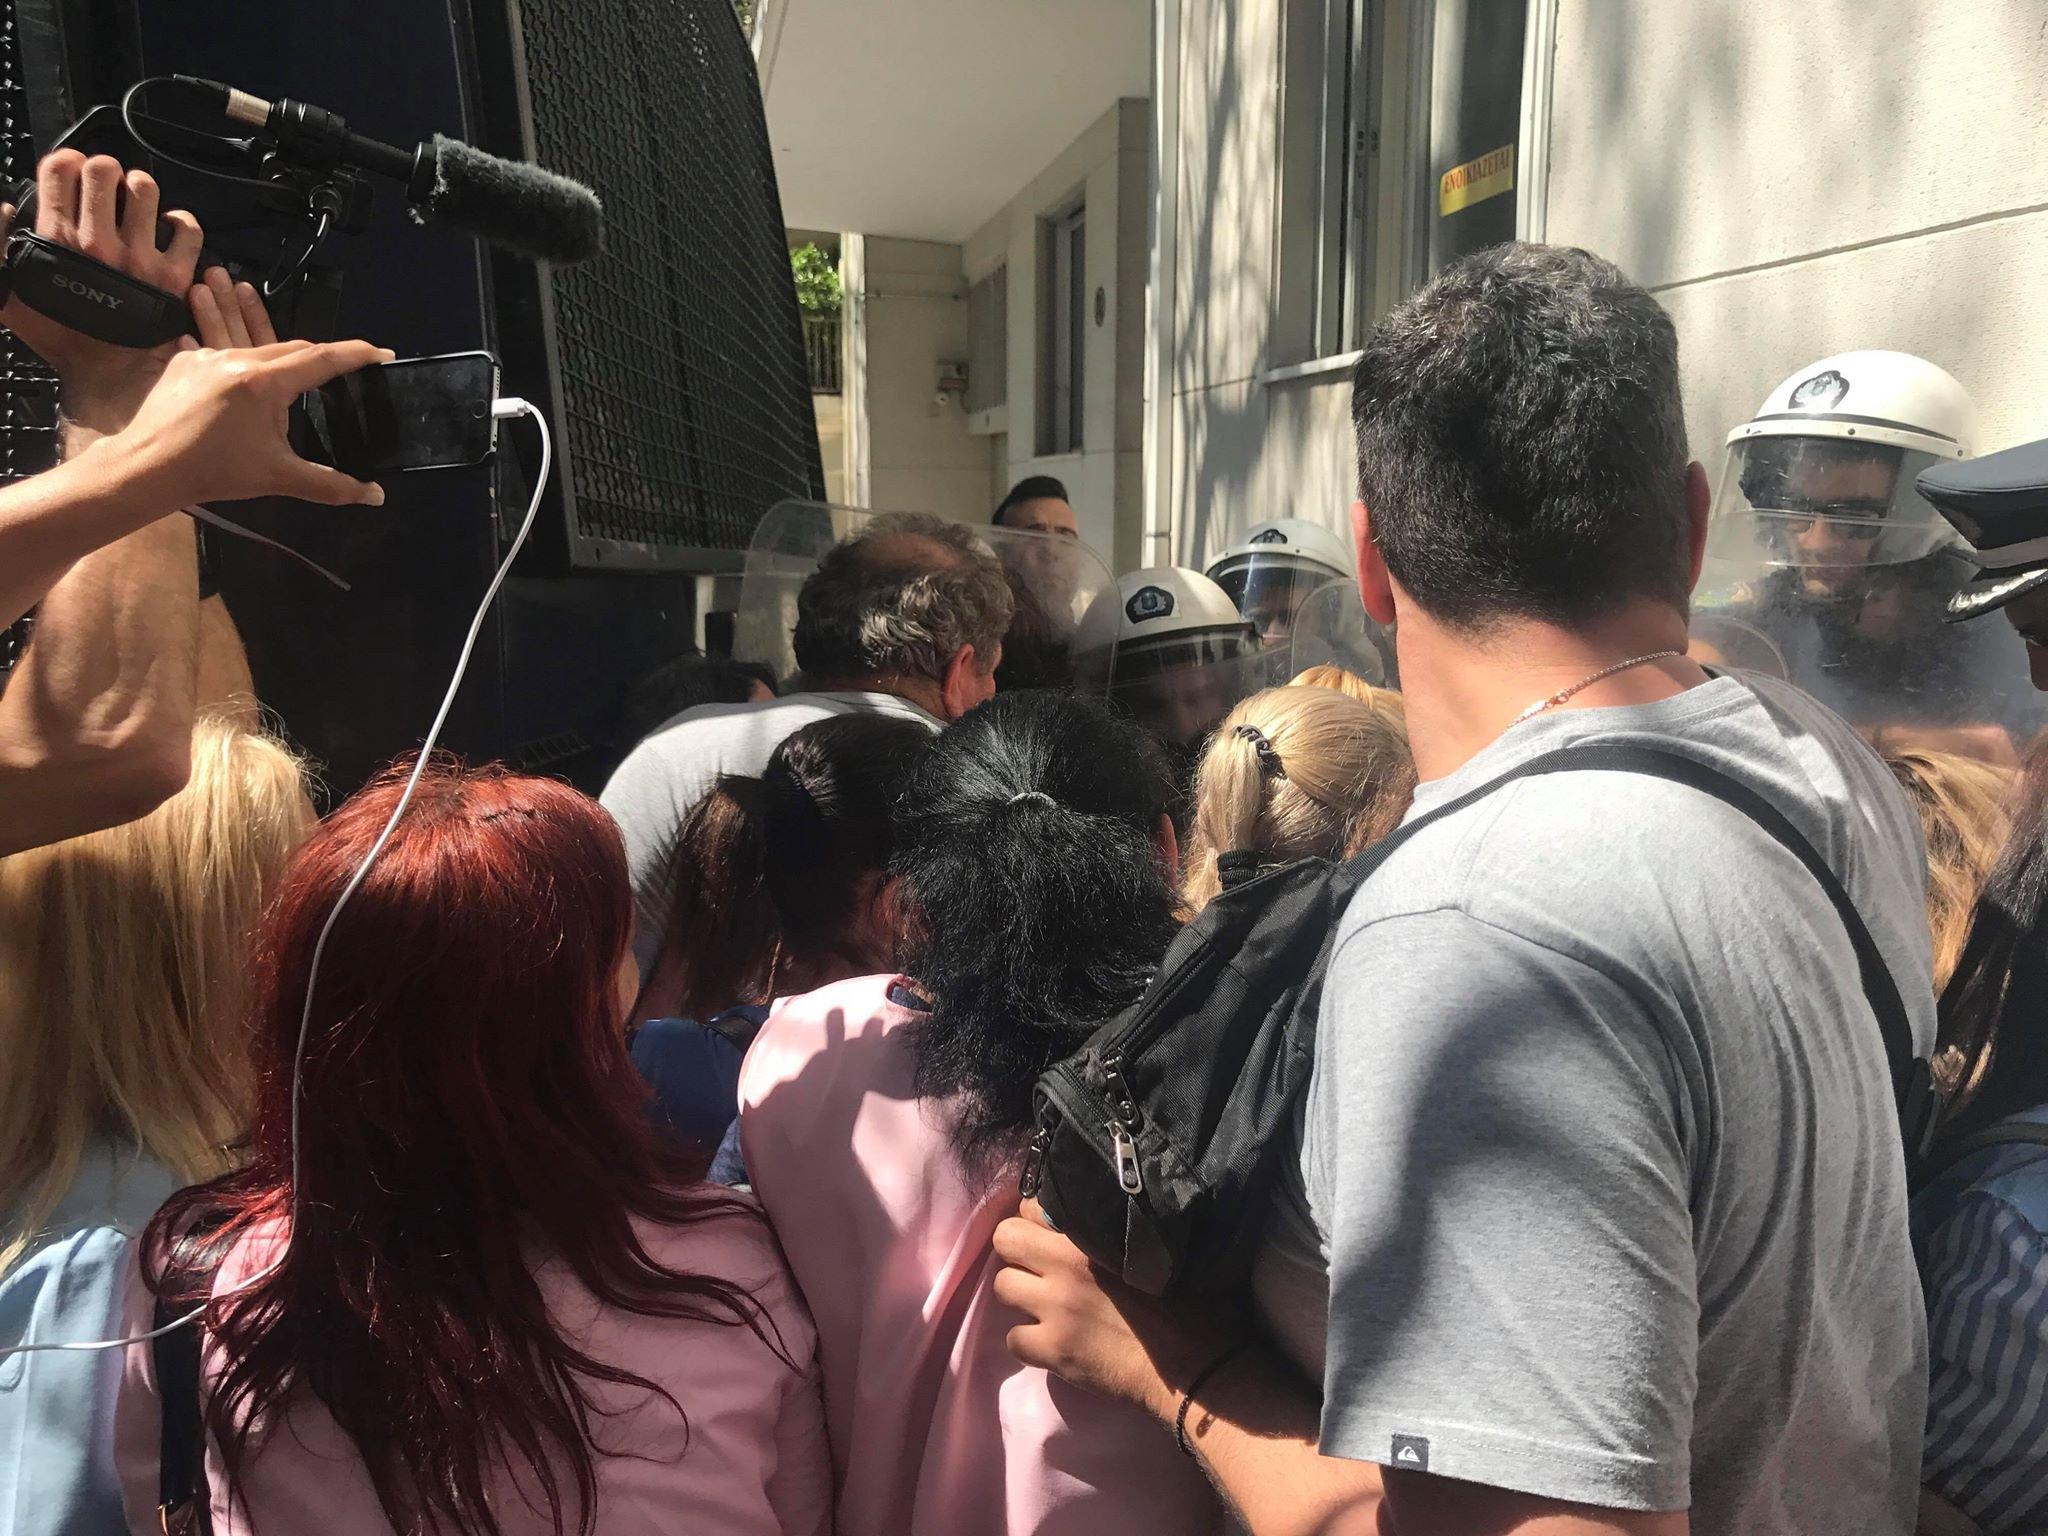 Οι διαμαρτυρόμενοι ζητούν συνάντηση με ανθρώπους του πρωθυπουργού